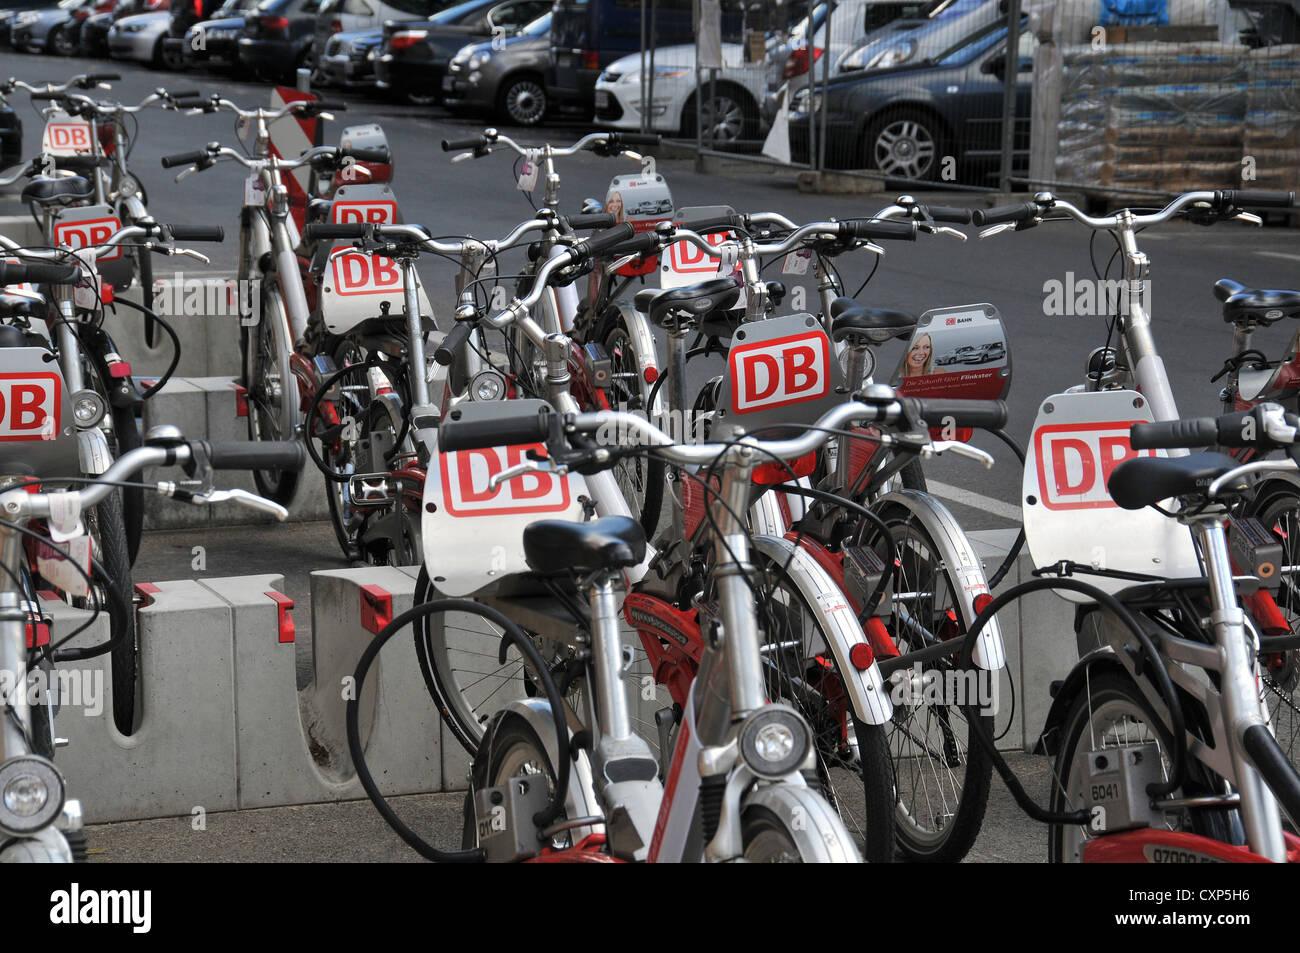 Fahrräder zu mieten, betrieben von der Deutschen Bahn in Straße Berlin Deutschland Stockbild